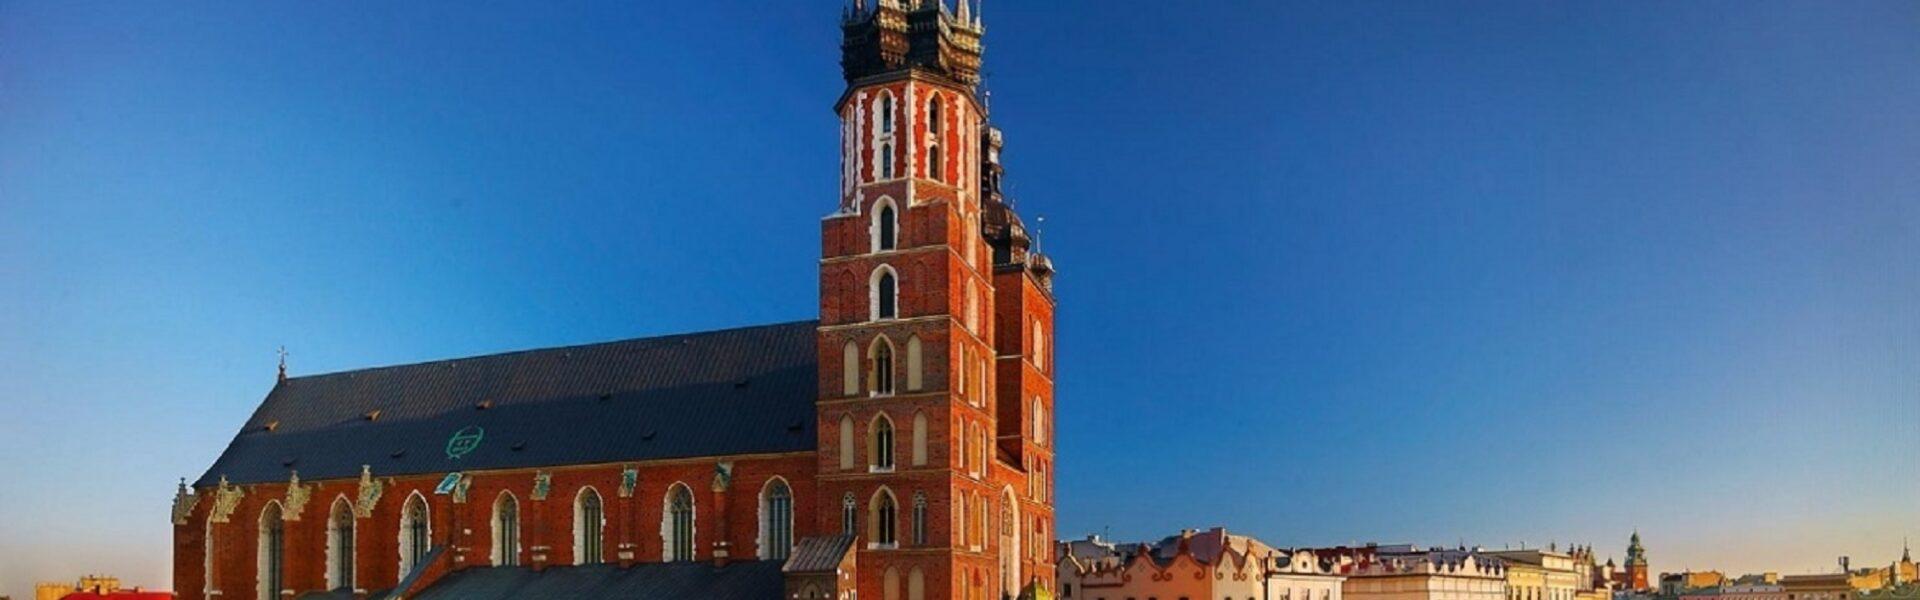 Réveillon du nouvel an 2021/2022 à Cracovie, vielle ville